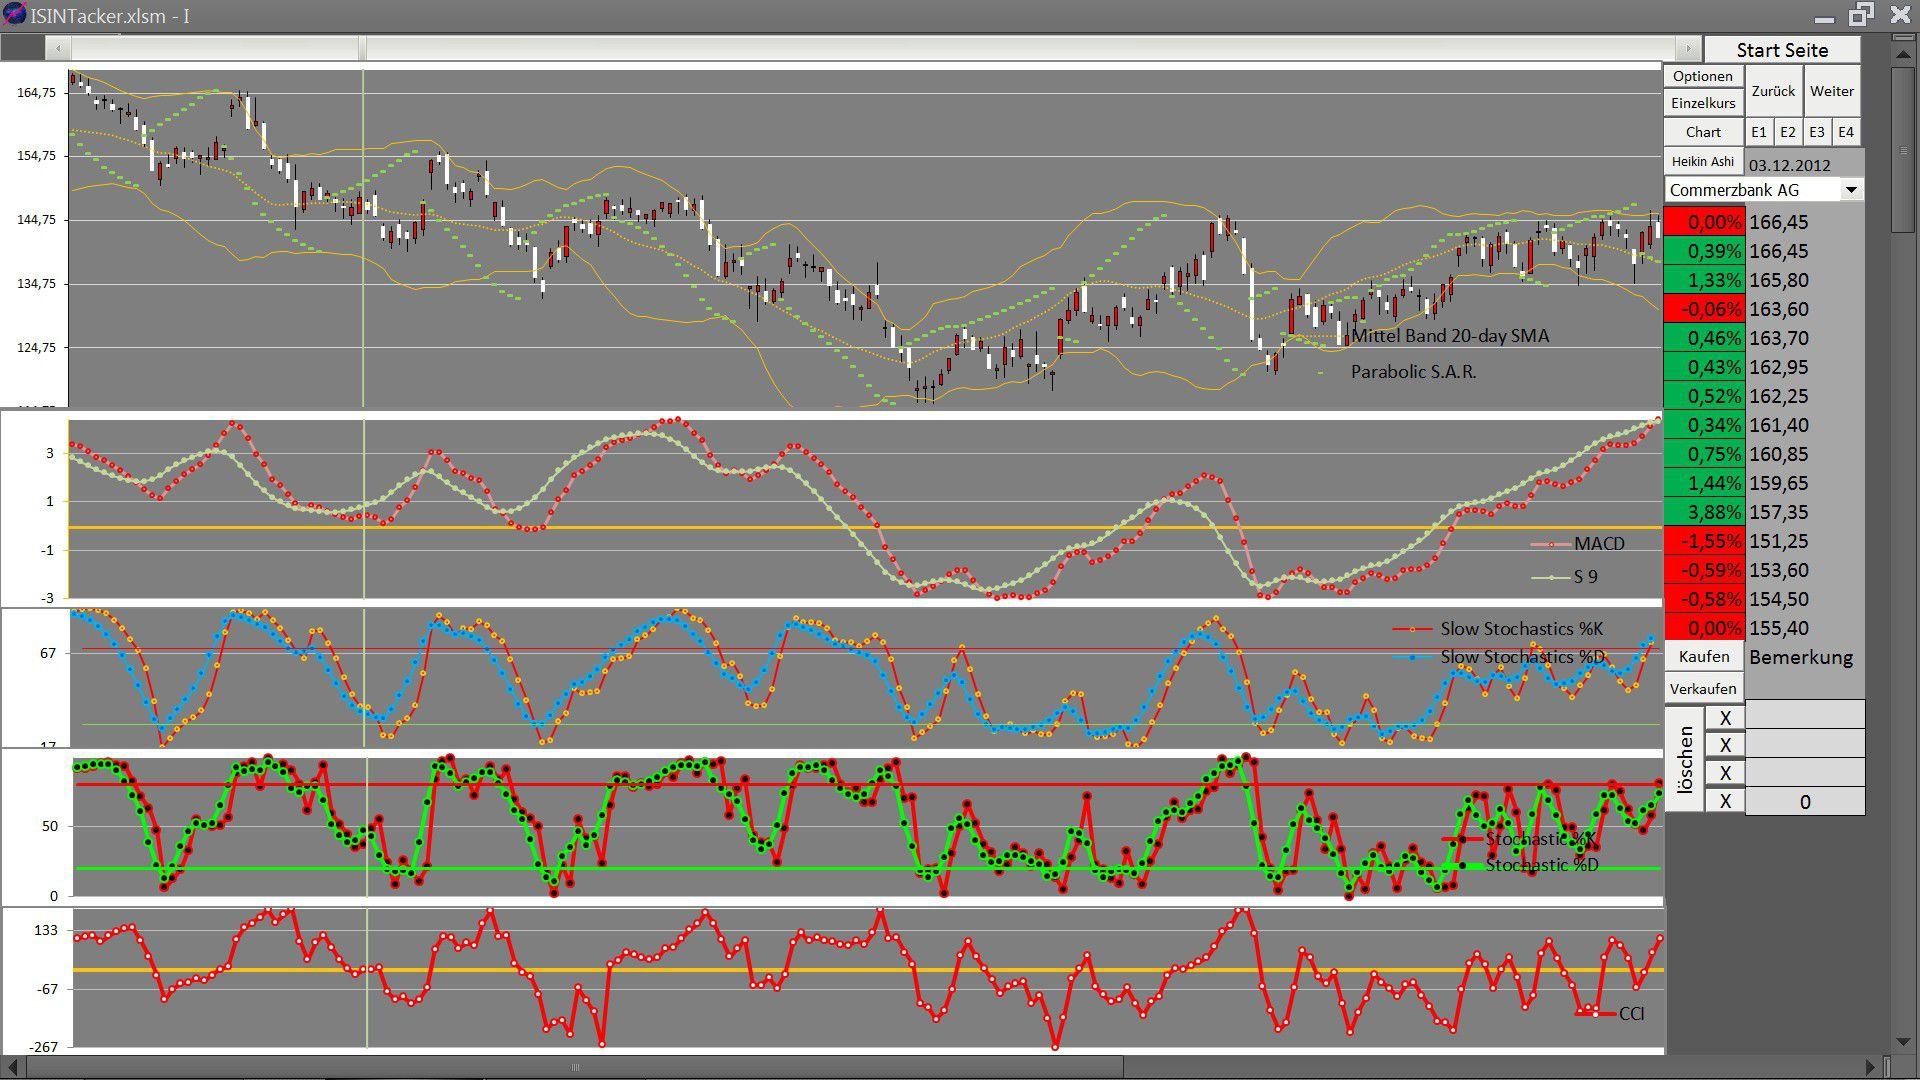 Vorschau Aktien Tracker - Bild 2